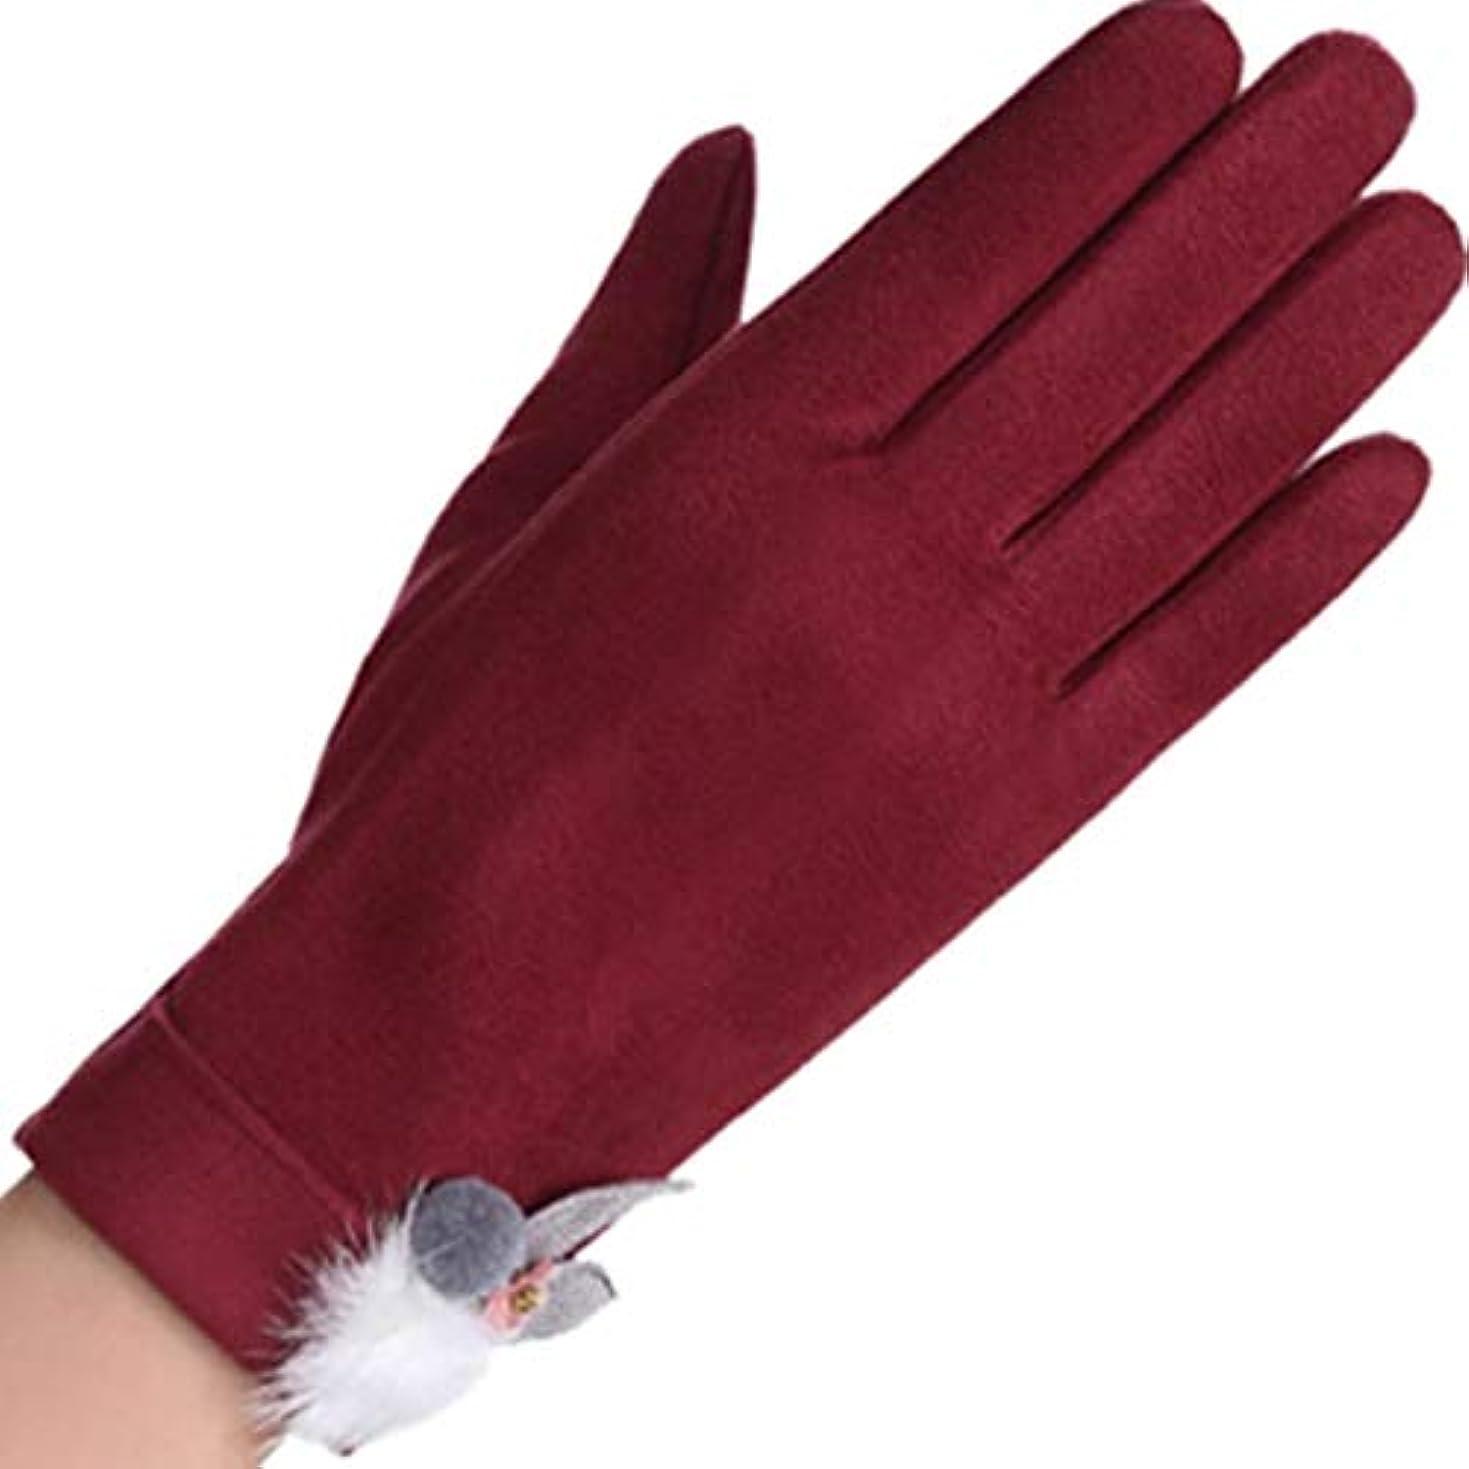 評価する船請求手袋の女性の暖かいタッチスクリーンの手袋冬の防風プラスベルベットの女性の毛の手袋の黒ワインレッド (色 : 赤ワイン)